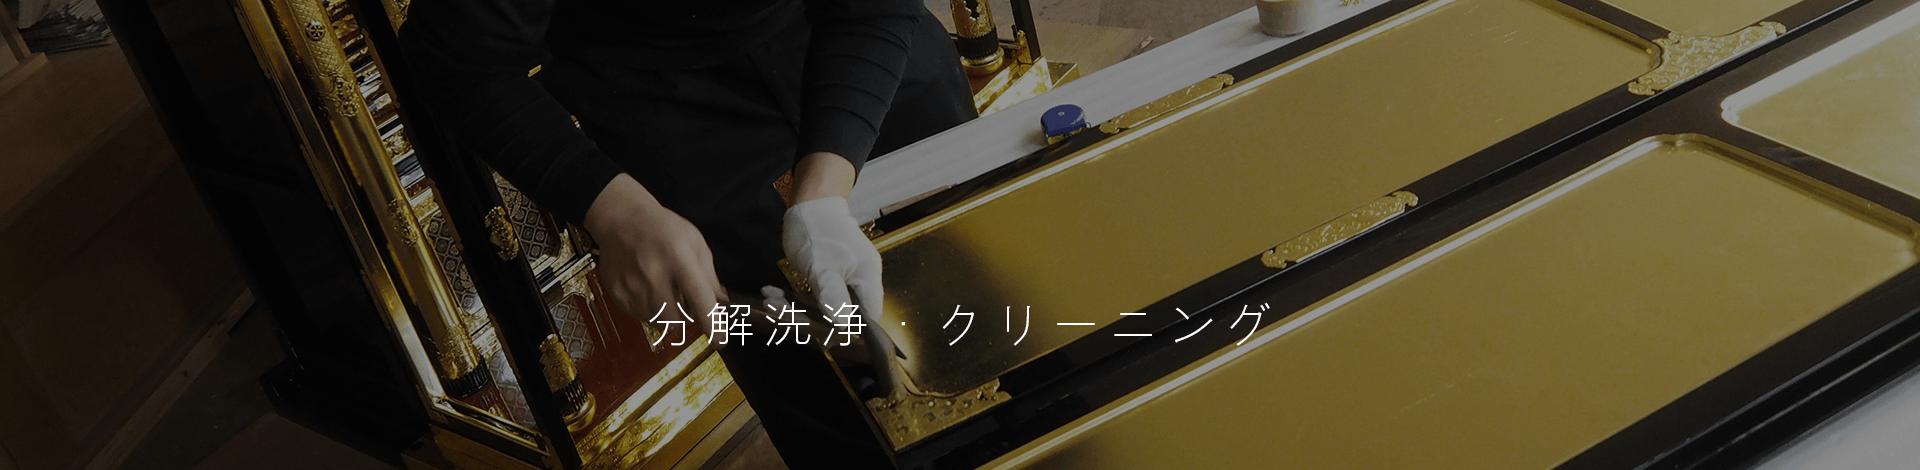 仏壇の分解洗浄・クリーニング